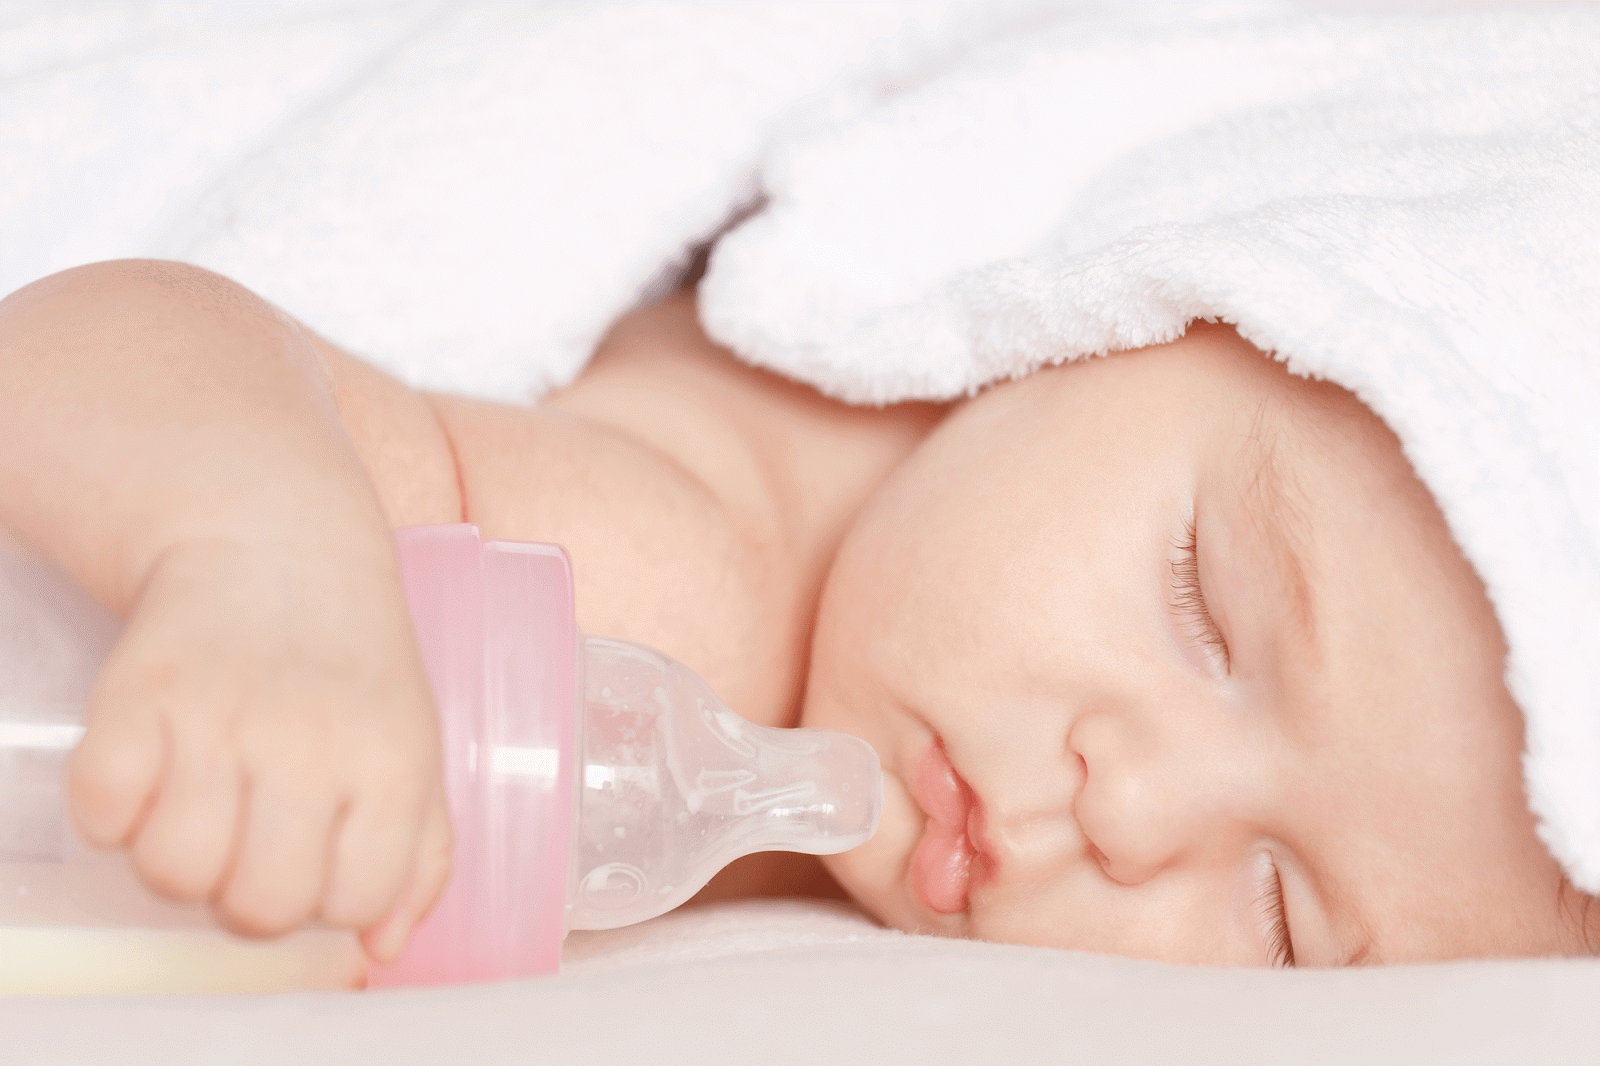 Mẹ chọn cách khử trùng bình sữa cho bé